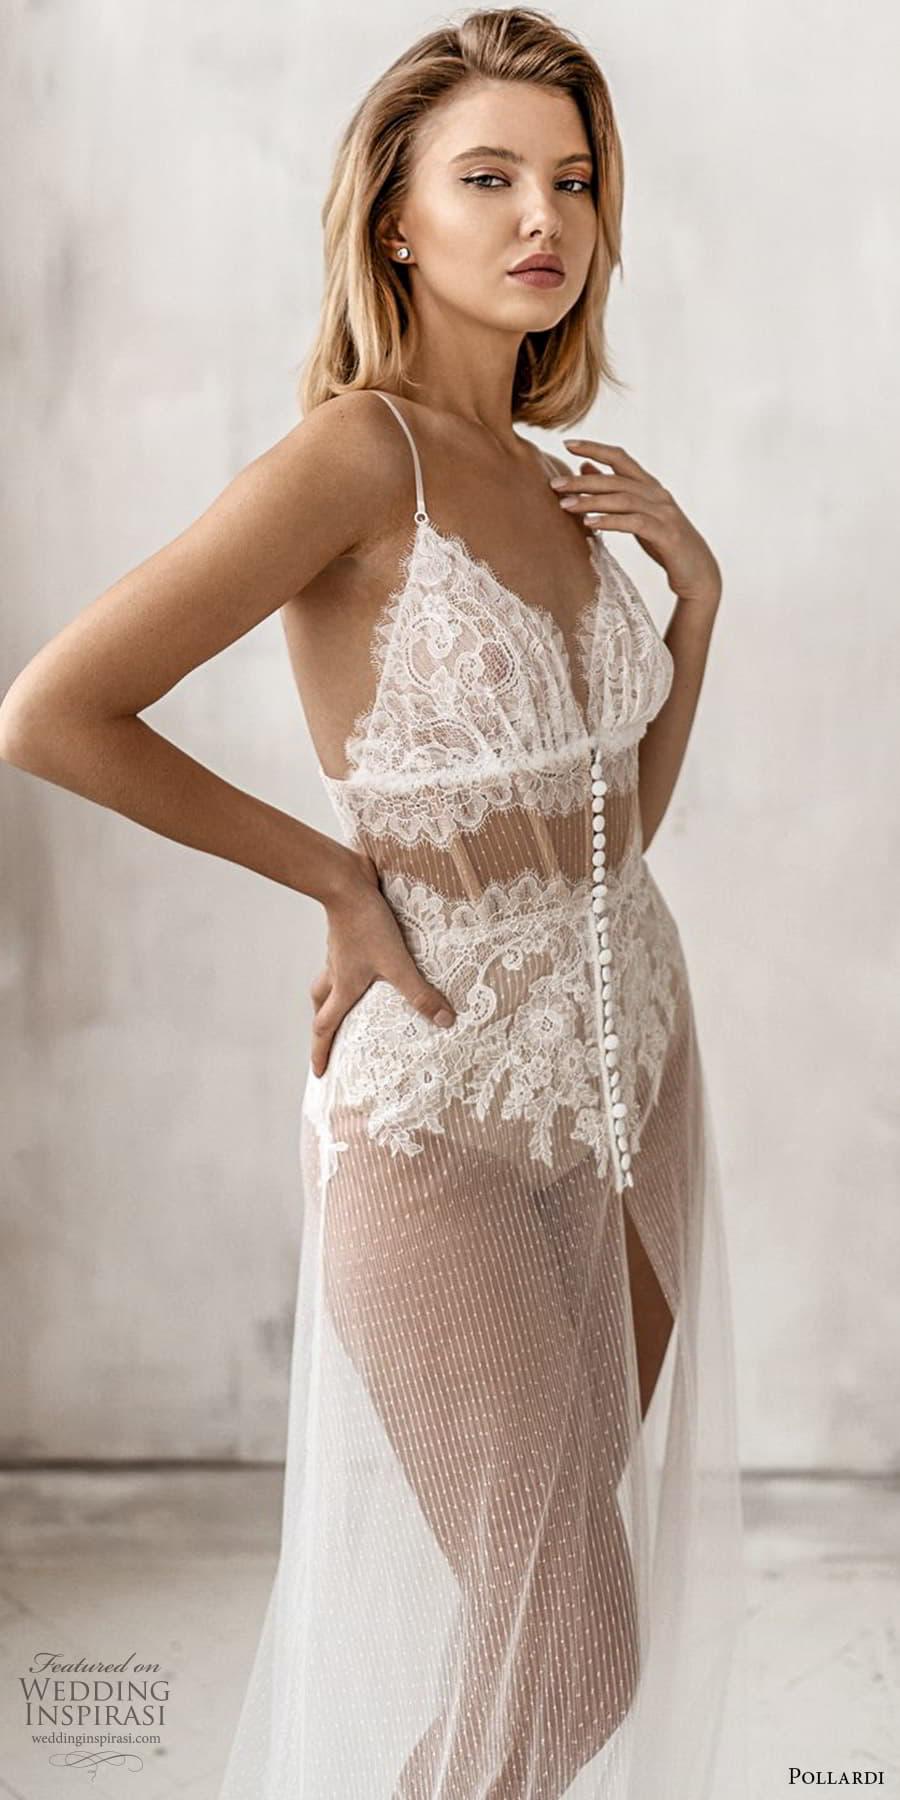 pollardi 2021 boudoir bridal sleeveless straps sweetheart neckline sheer over dress lingeri (12) mv